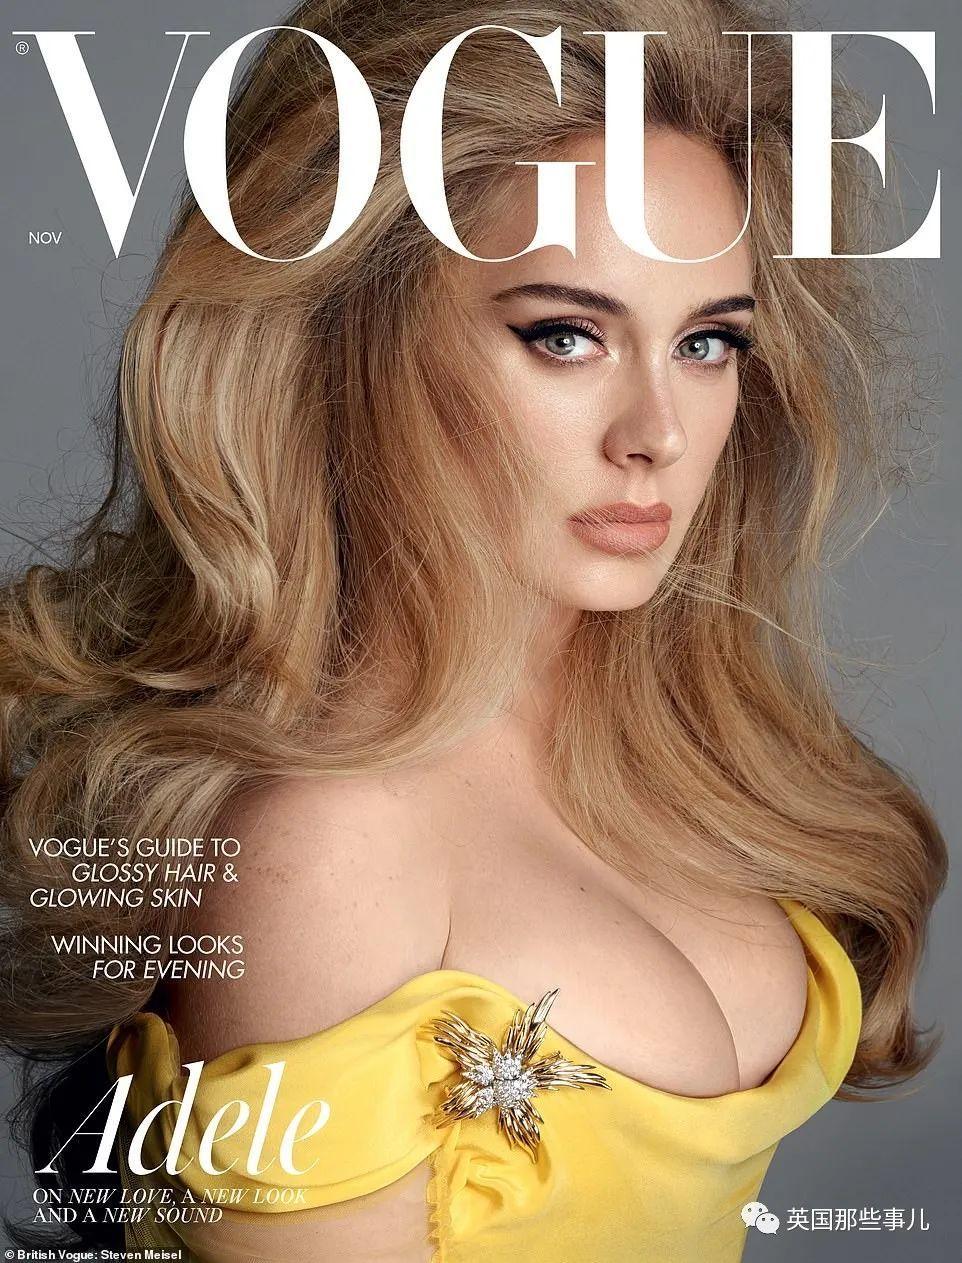 Adele减肥后惊艳Vogue封面!公开减肥经历:两年瘦了100磅,为了让自己更强